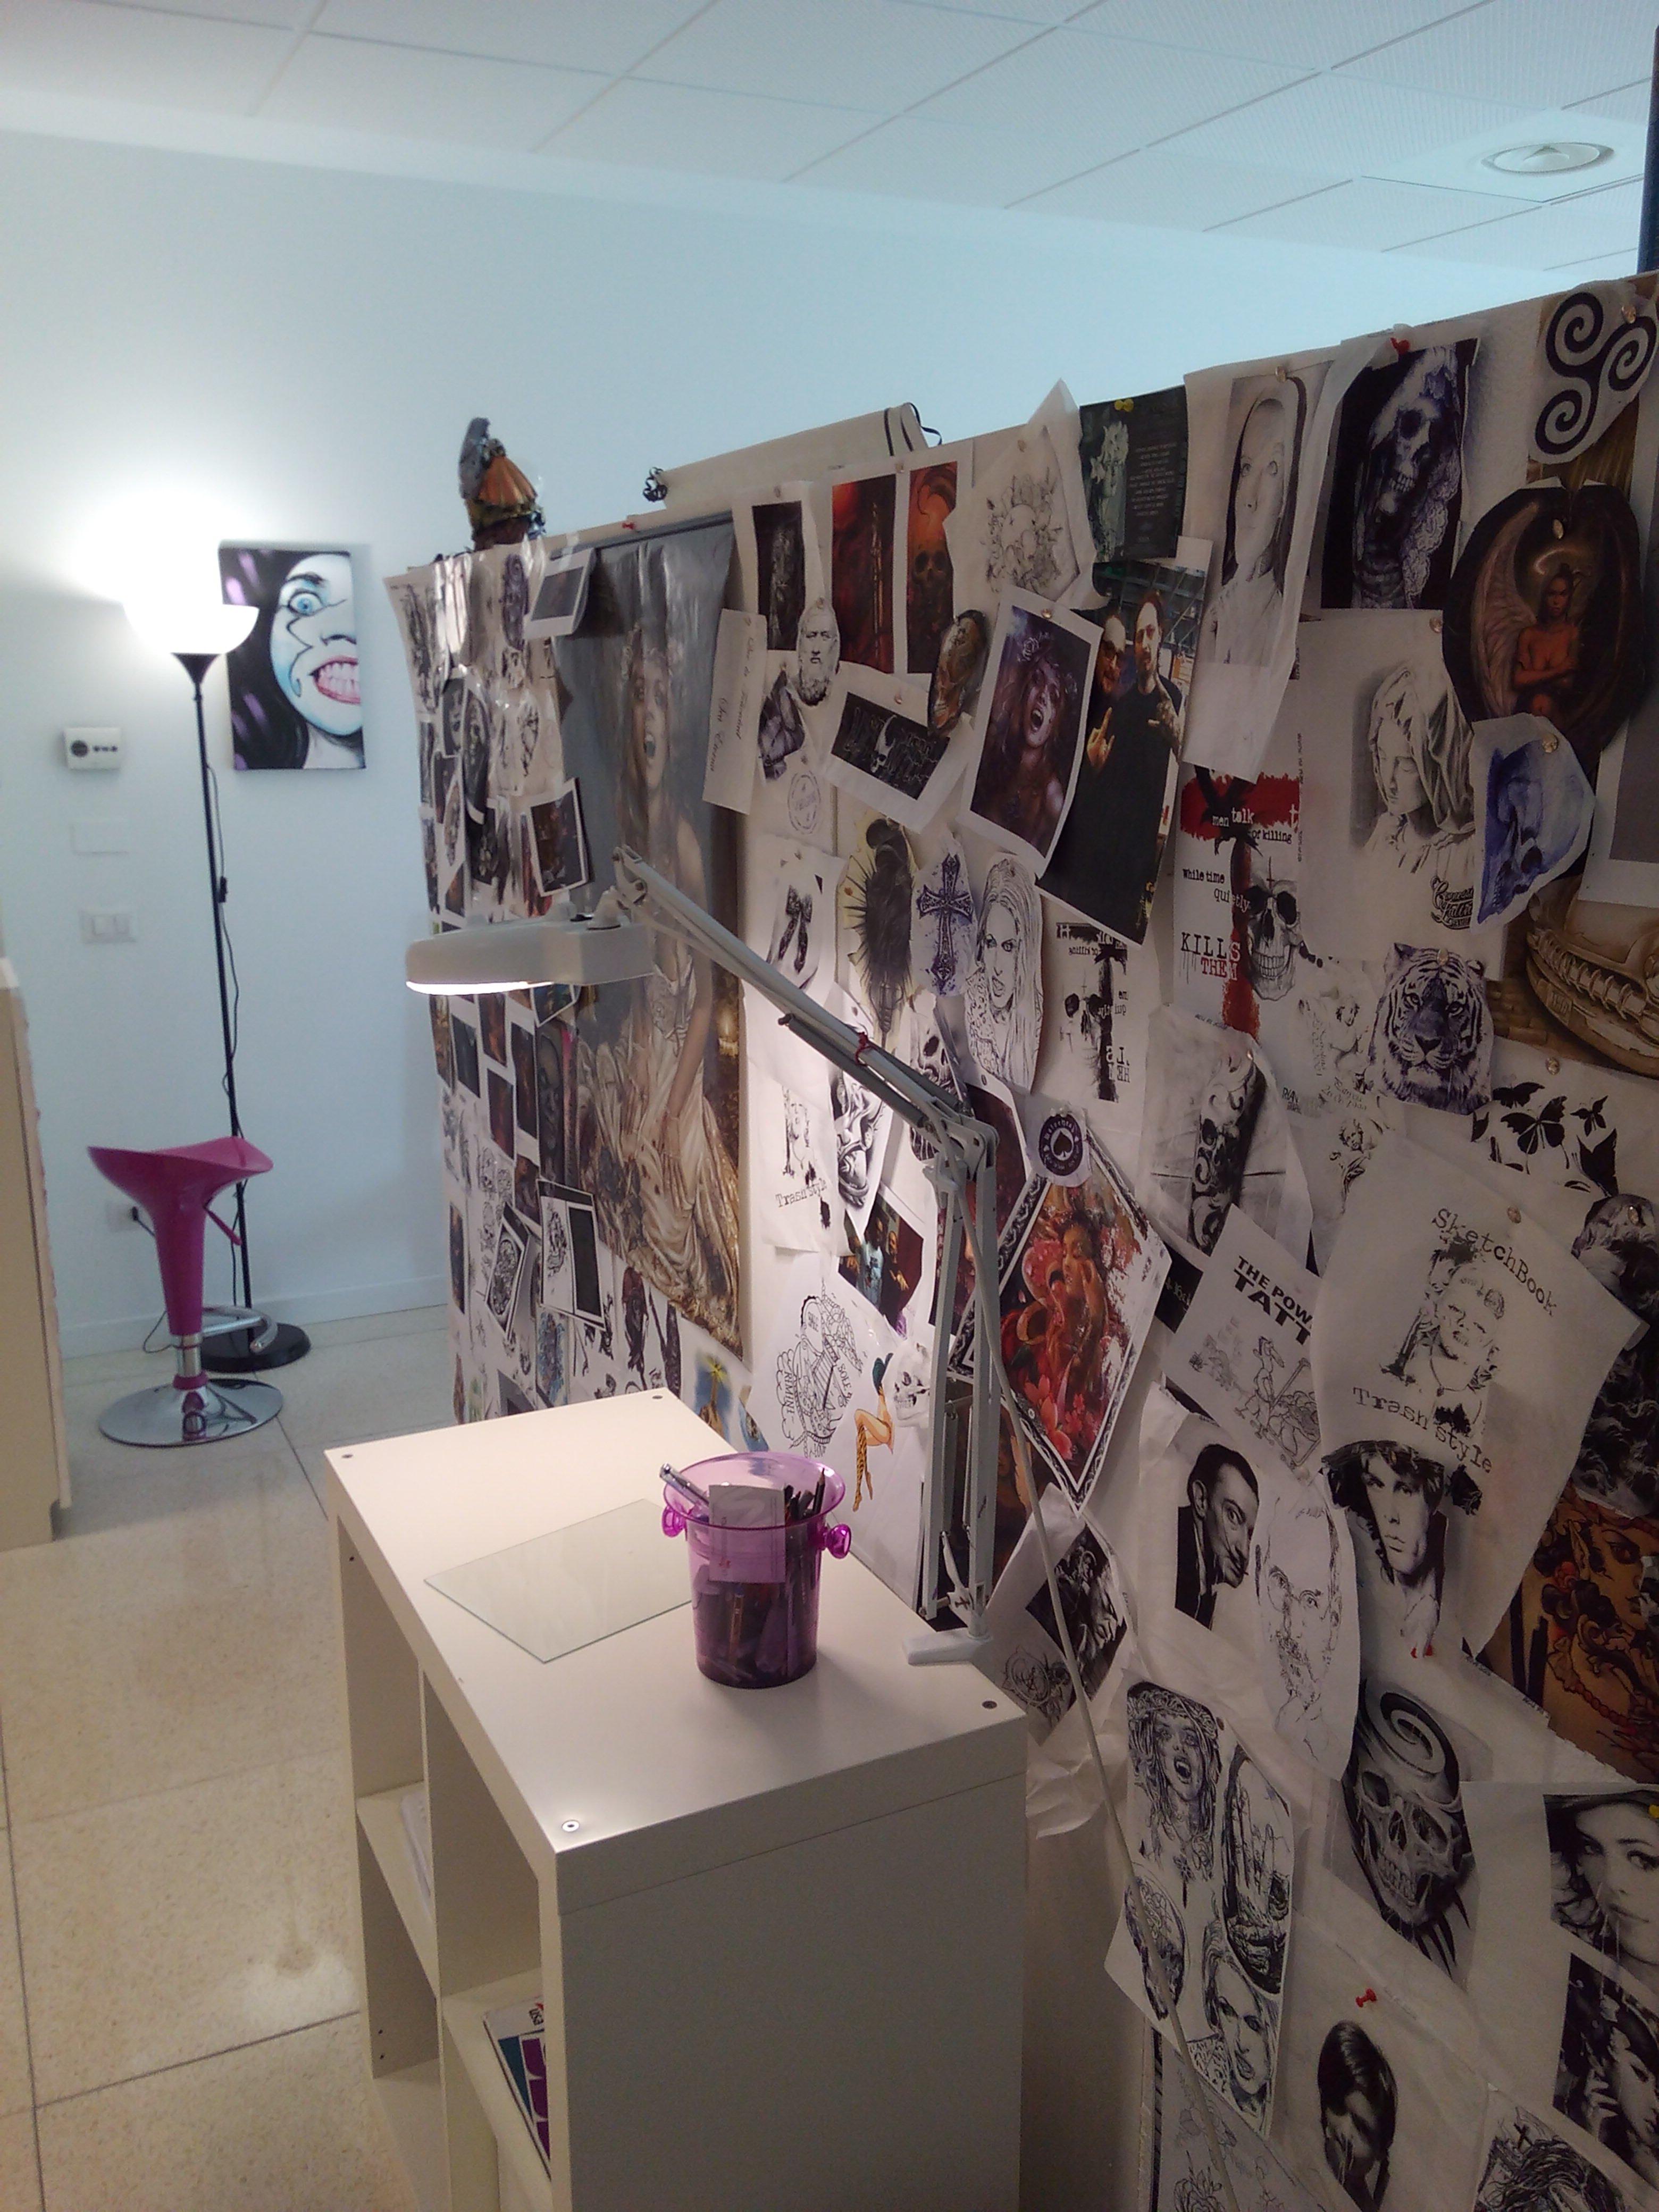 vista di alcune bozze di tatuaggi su fogli appesi a un pannello, davanti un piccolo tavolino con una lampada e in fondo uno sgabello fucsia